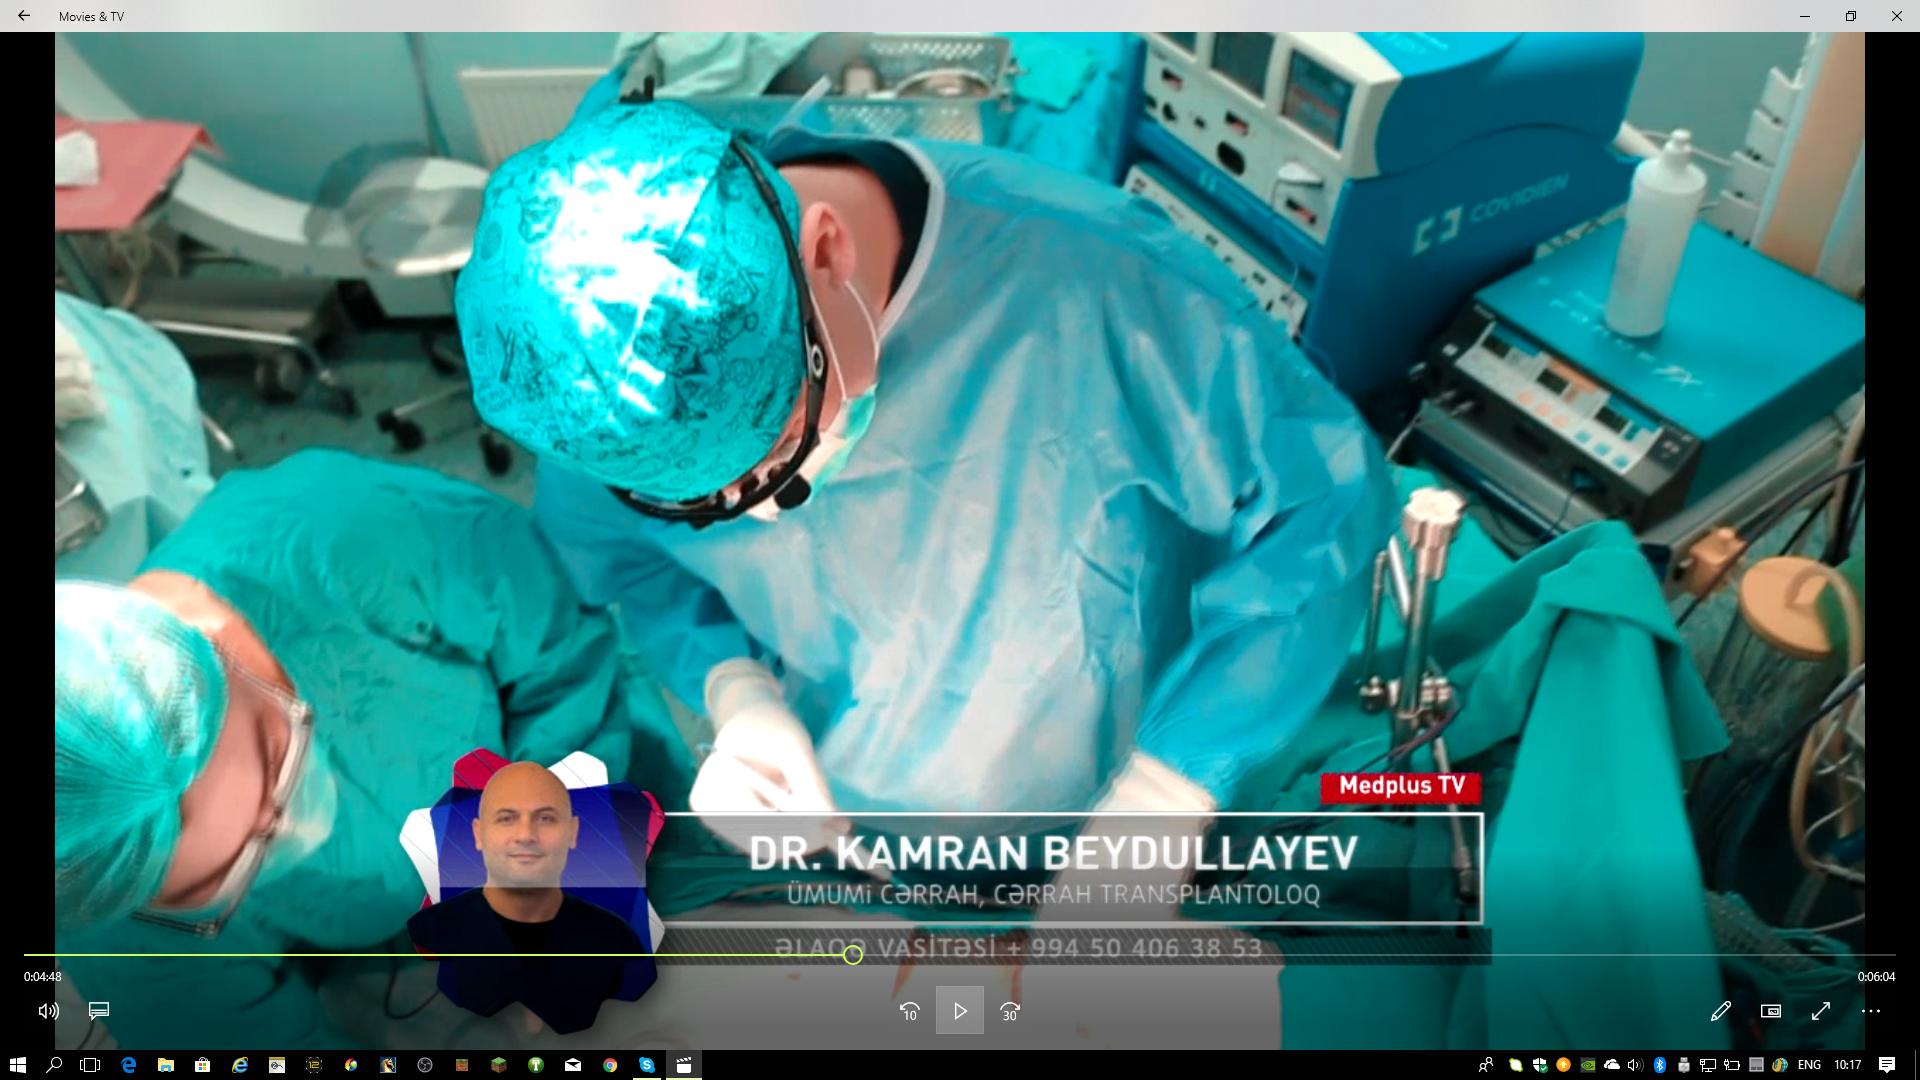 Dr. Kamran Beydullayev